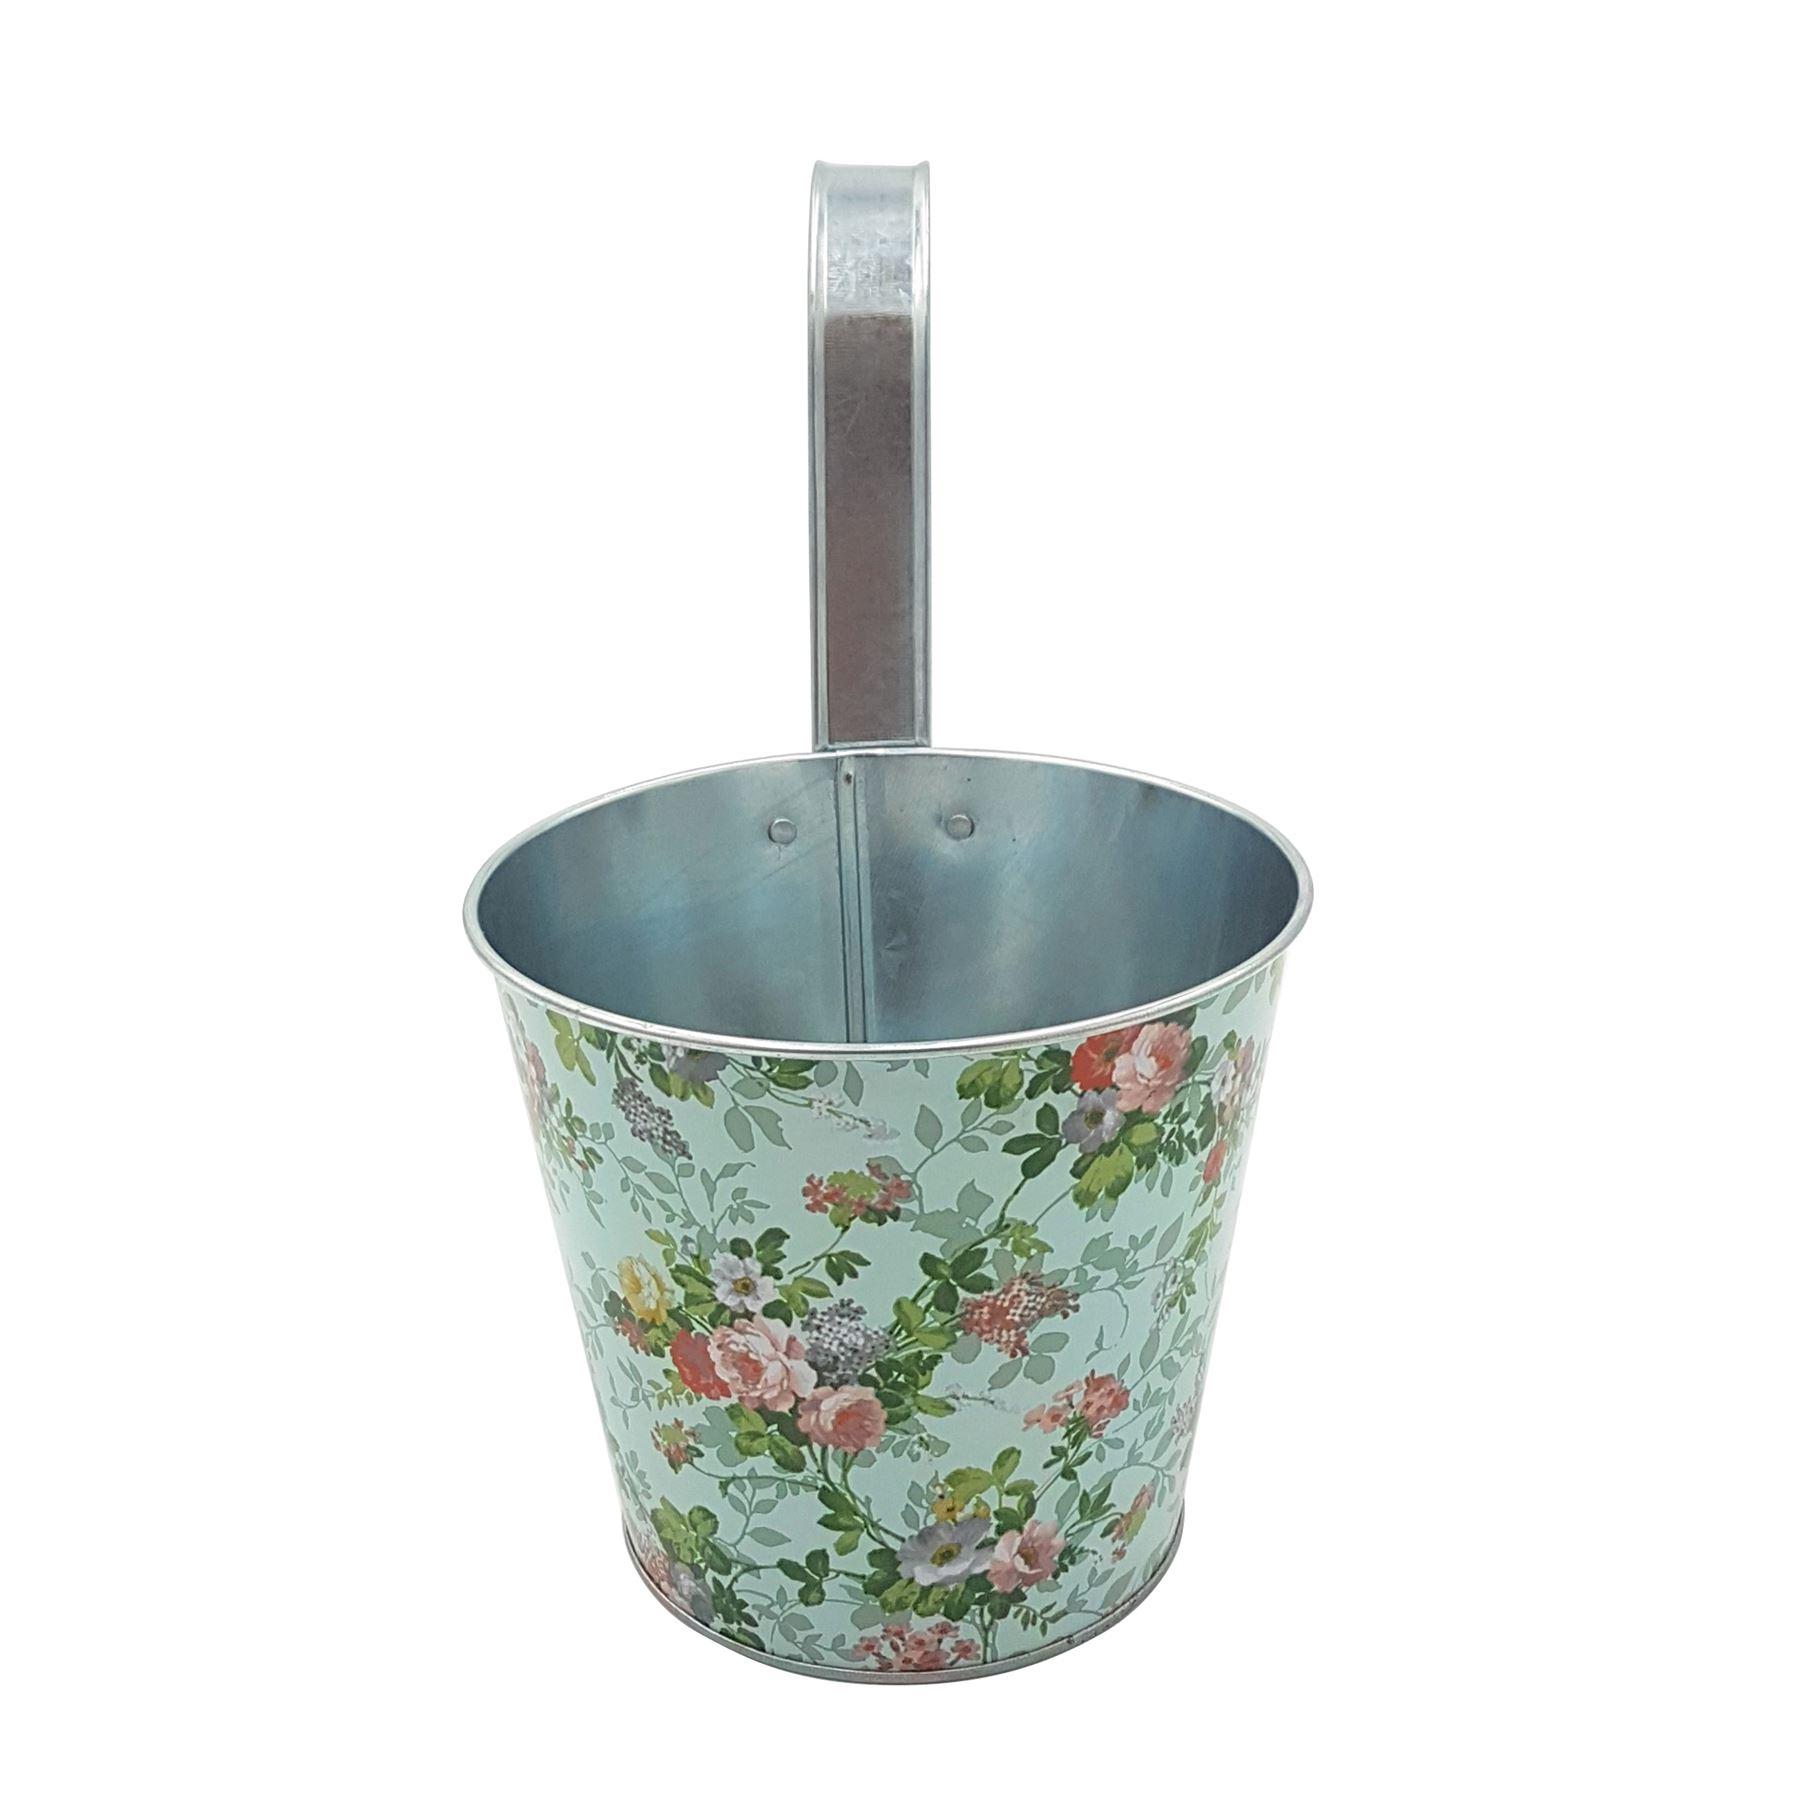 Géotextile Smart grow Pot déco jardin fleurs container 18L 5 Root Pouch marron